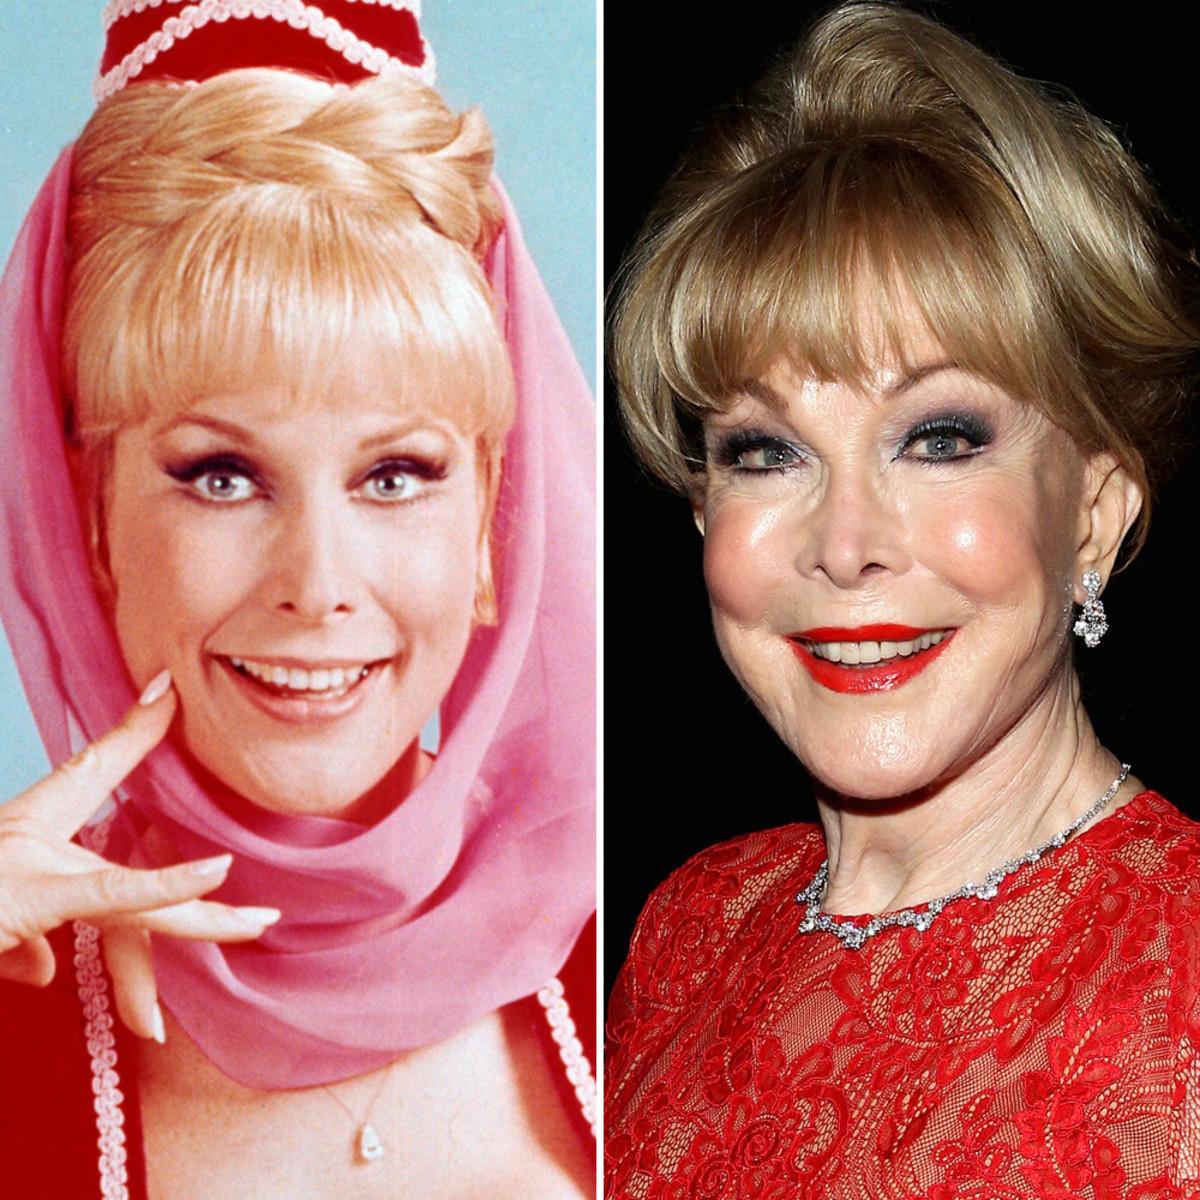 """Barbara Eden of """"I Dream of Jeannie."""" She looks a lot like Yvonne """"Bat-Girl"""" Craig."""